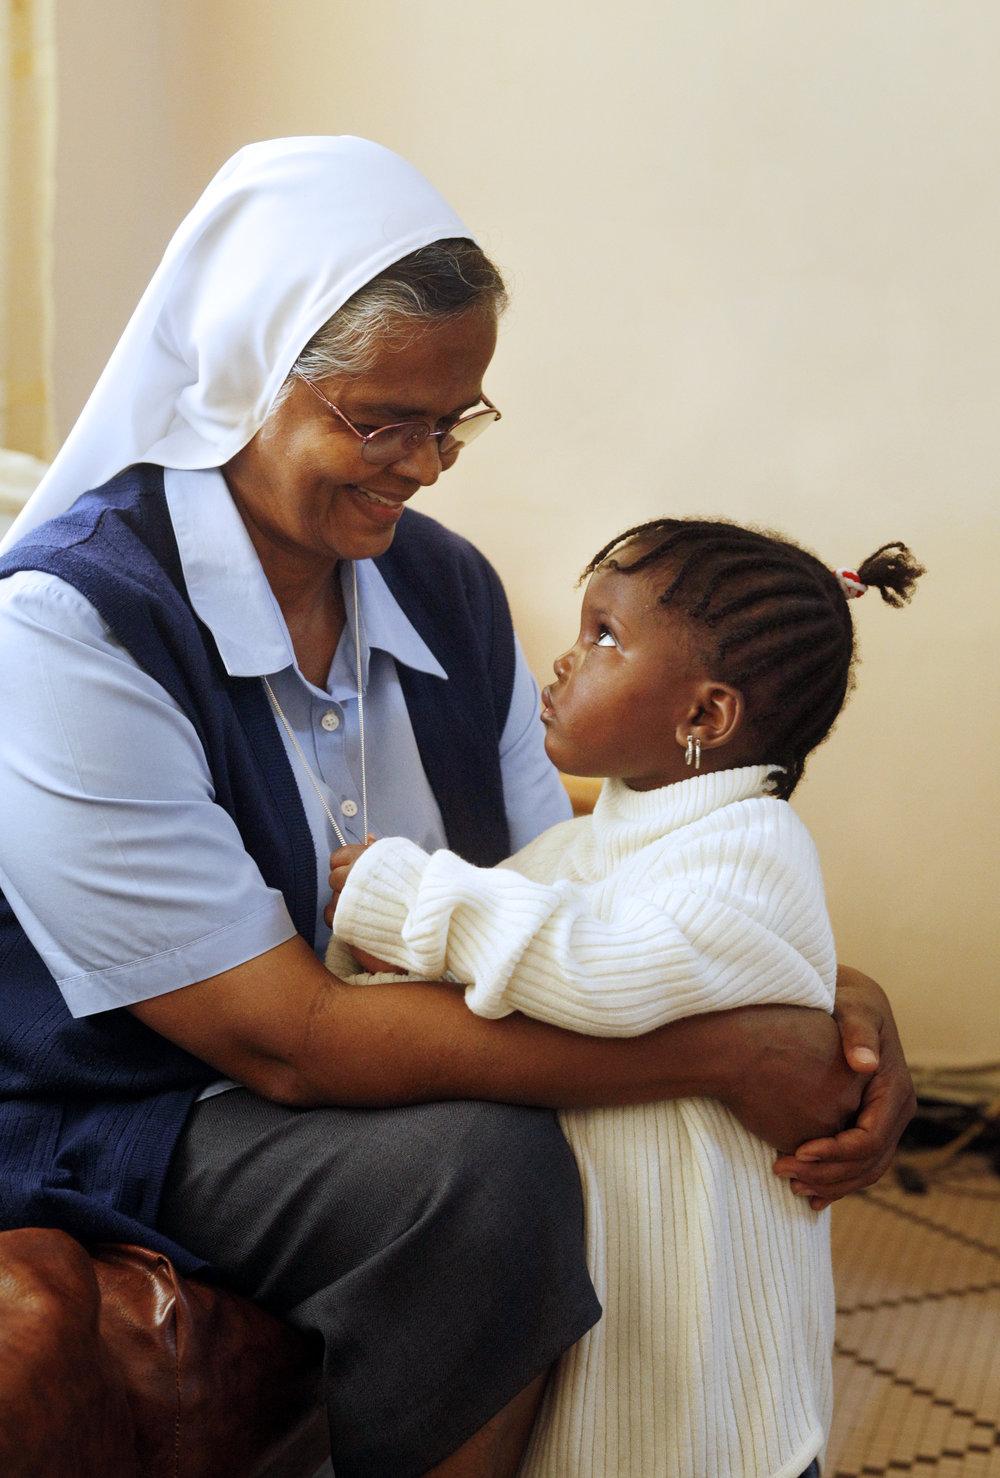 """Die indische Schwester Hilaria Puthirikkal und Sindie (3) im  Zentrum fuer verstossene Frauen und deren Kinder der Schwesterngemeinschaft """"Soeurs du Bon Pasteur"""" in Dakar, Senegal   ---   [ � FRIEDRICH STARK, Arneckestrasse 72, 44139 D o r t m u n d, phone +49-231-136240, mobil +49-171-6463061, e-mail: stark.f@t-online.de, www.friedrichstark.de, Bank: I N G - D I B A,   A l l g e m e i n e   D e u t s c h e   D i r e k t b a n k, Kto-Nr. 0596534130, BLZ 50010517, IBAN: DE68500105170596534130, BIC: INGDDEFF - NO MODELRELEASE! Bei Verwendung des Fotos ausserhalb journalistischer Zwecke bitte Ruecksprache mit dem Fotografen! Veroeffentlichung nur gegen Honorar laut aktueller MFM-Liste (Mittelstandsgemeinschaft Foto-Marketing), Urhebervermerk und Belegexemplar!] [#0,26,121#]"""